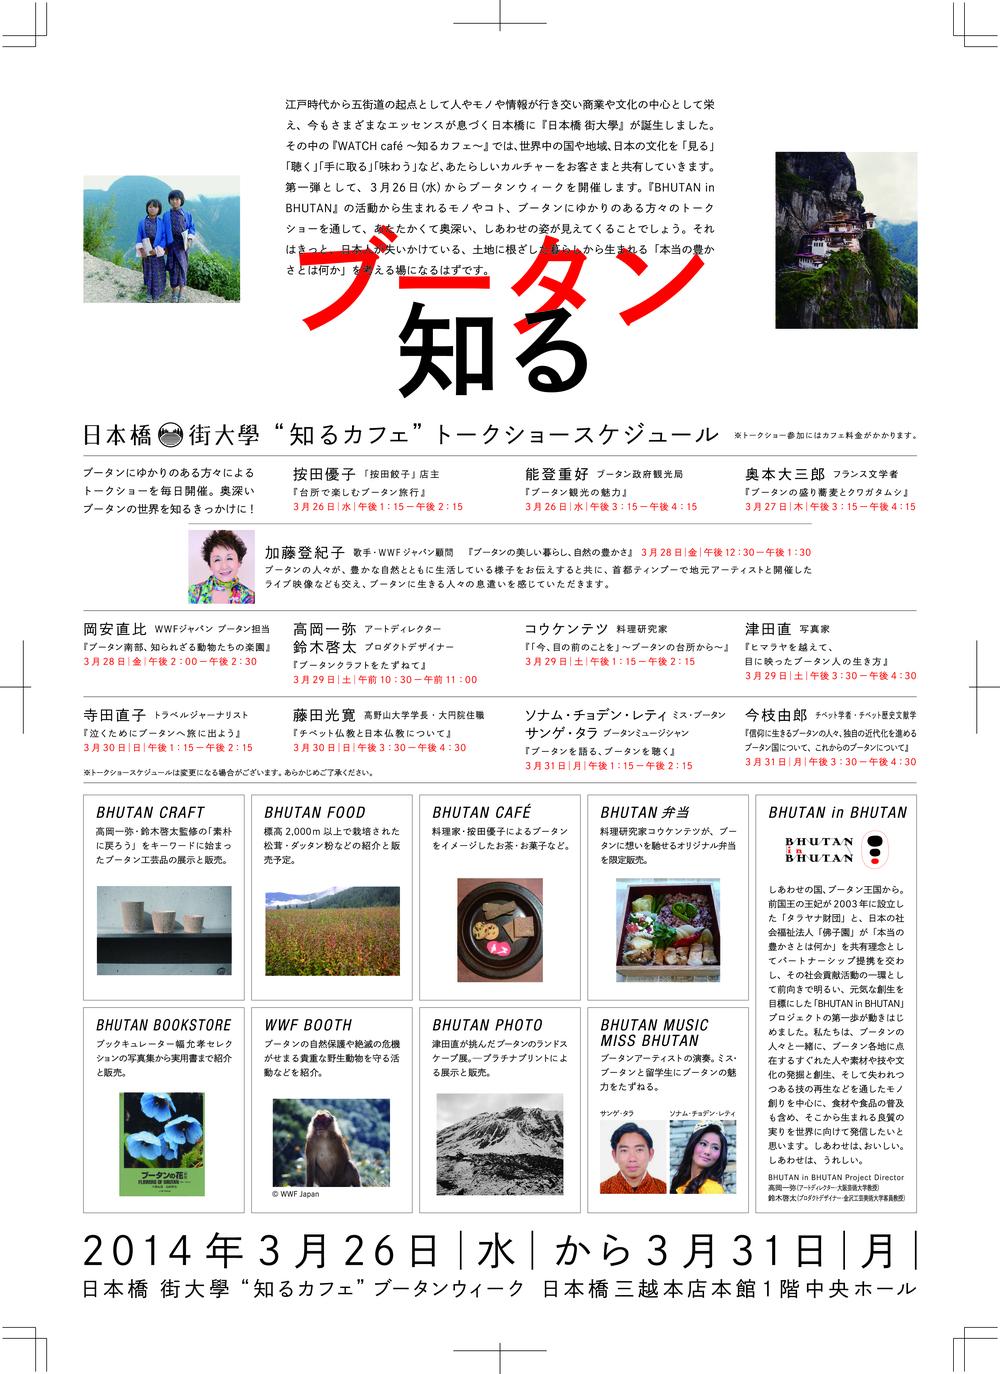 ブータンにゆかりのある方々によるトークショーを毎日開催します。トークショーのスケジュールは、こちらからご確認ください。 http://machidaigaku.jp/bhutan